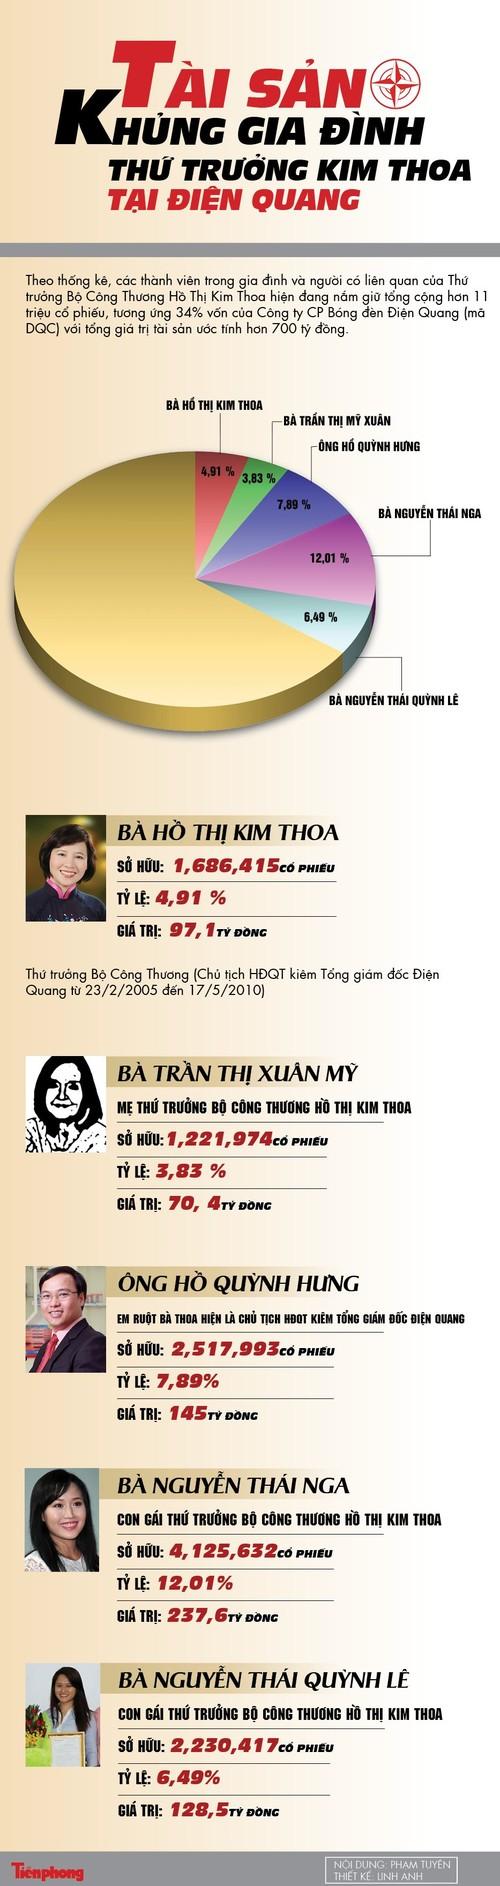 Me Thu truong Ho Thi Kim Thoa cung co 70 ty o Dien Quang